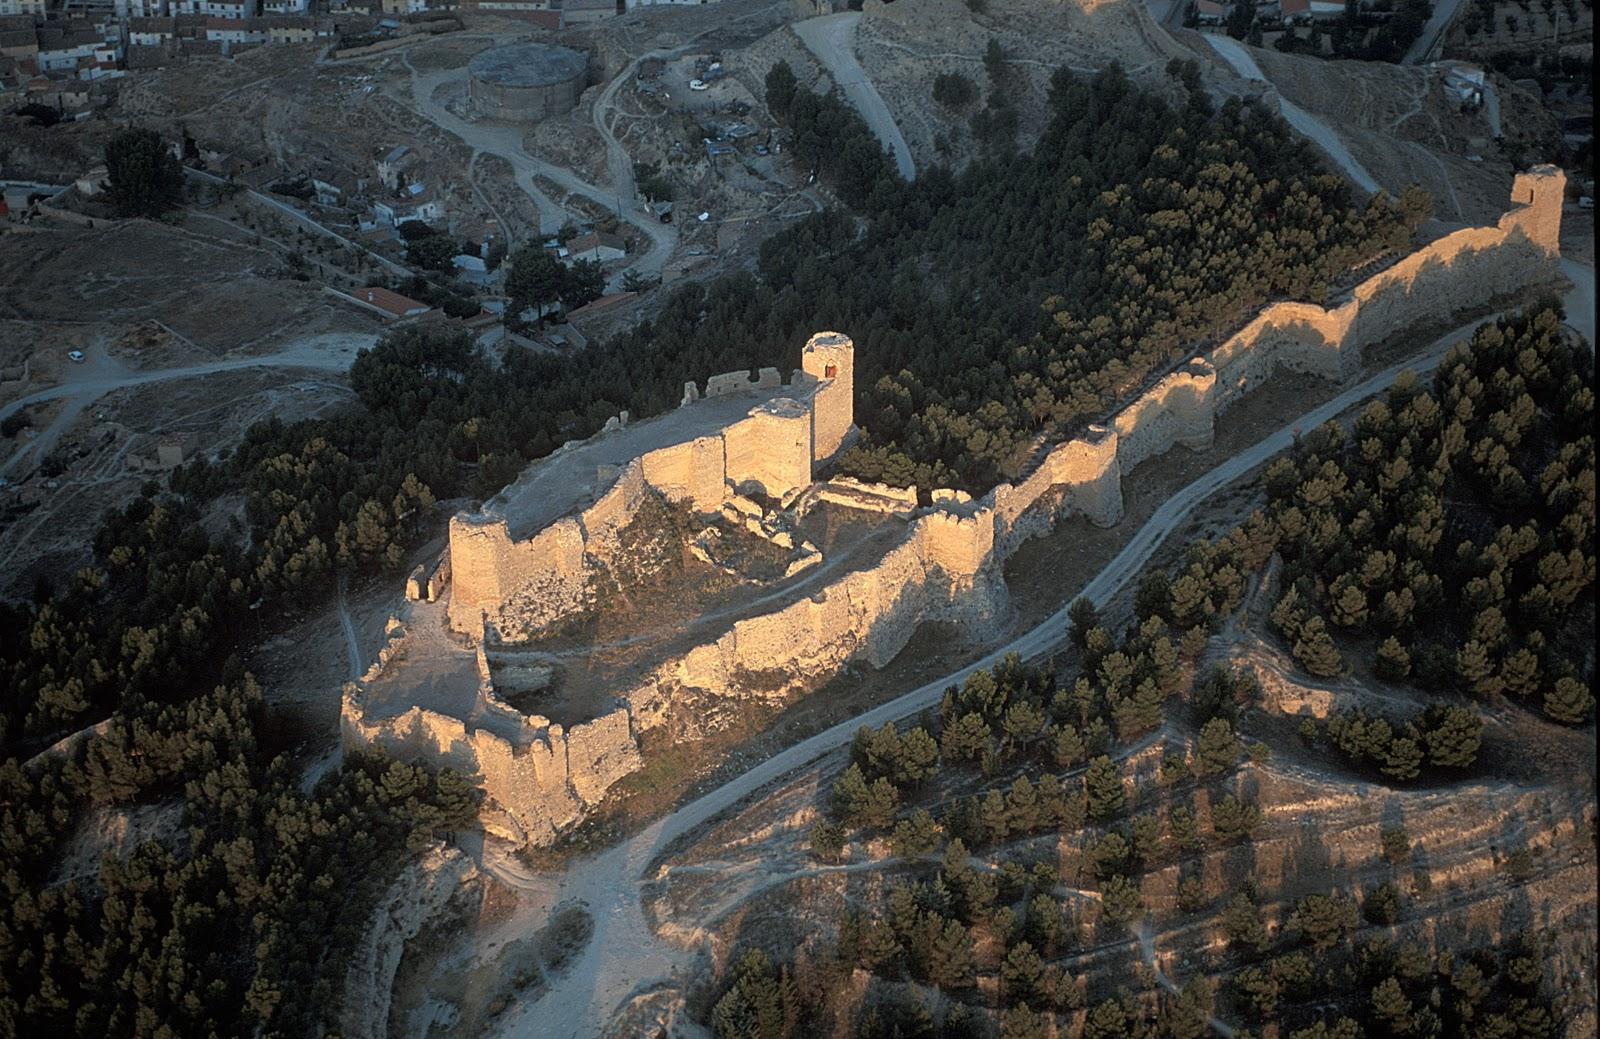 Blog de un estudiante de arquitectura visita al castillo - Castillo de ayud ...